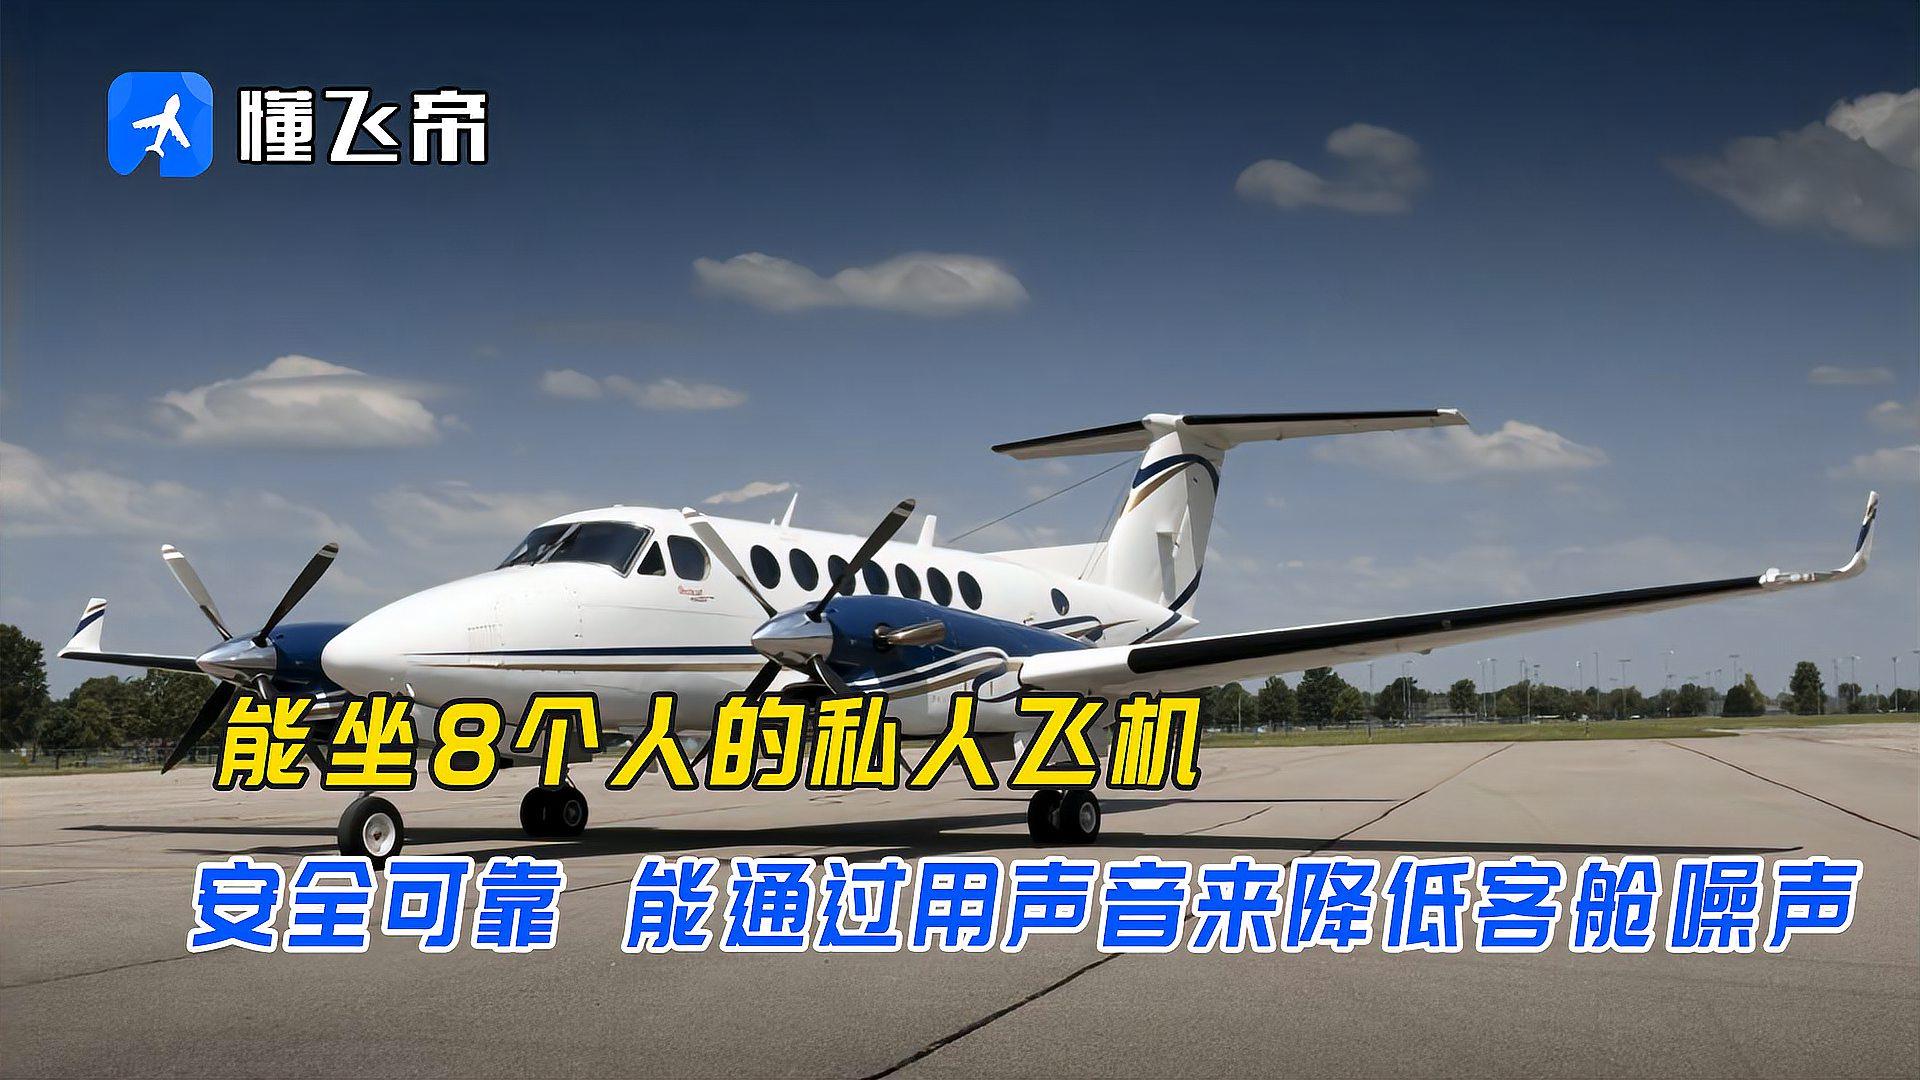 能坐8个人的私人飞机,安全可靠,能通过用声音来降低客舱噪声